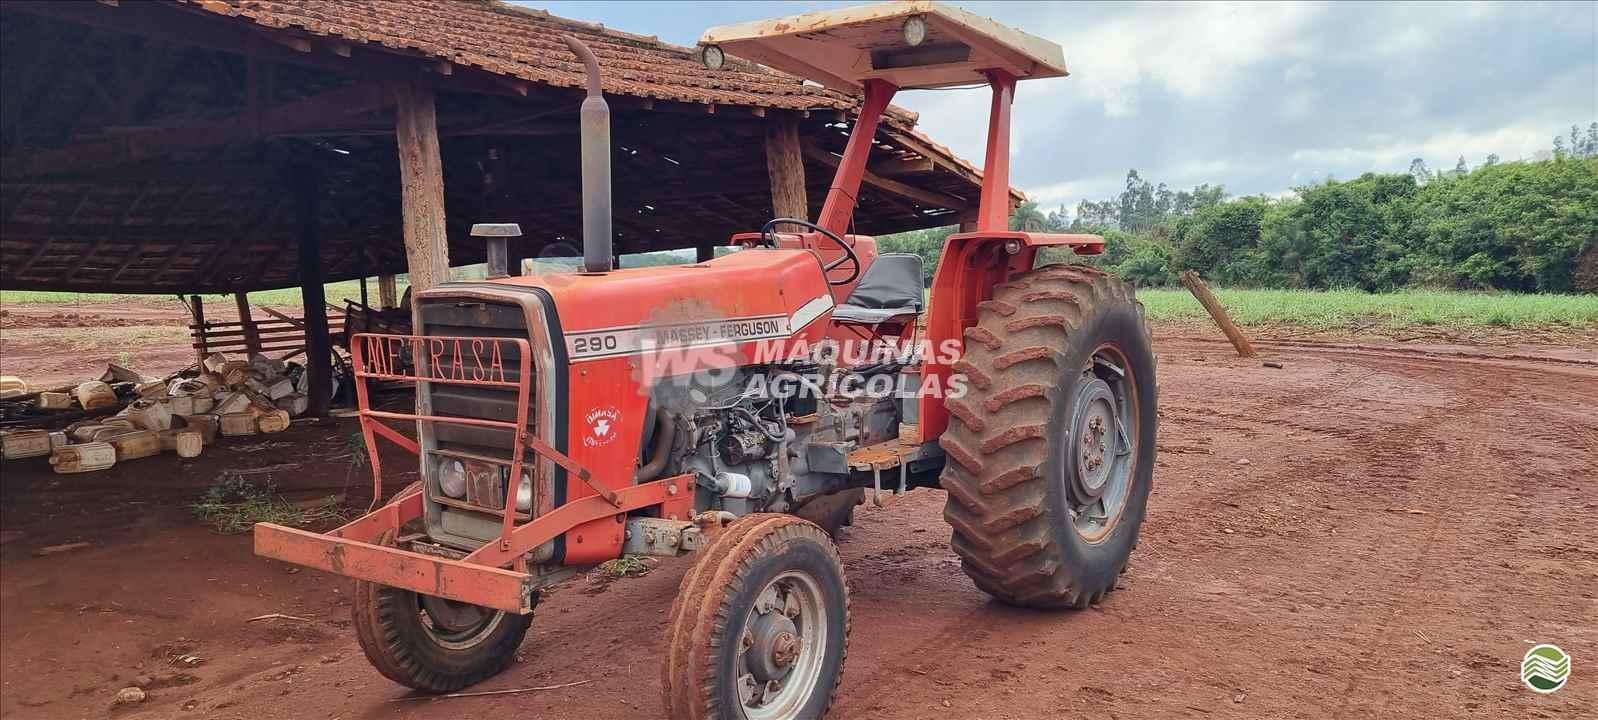 TRATOR MASSEY FERGUSON MF 290 Tração 4x2 WS Máquinas Agrícolas SERTAOZINHO SÃO PAULO SP